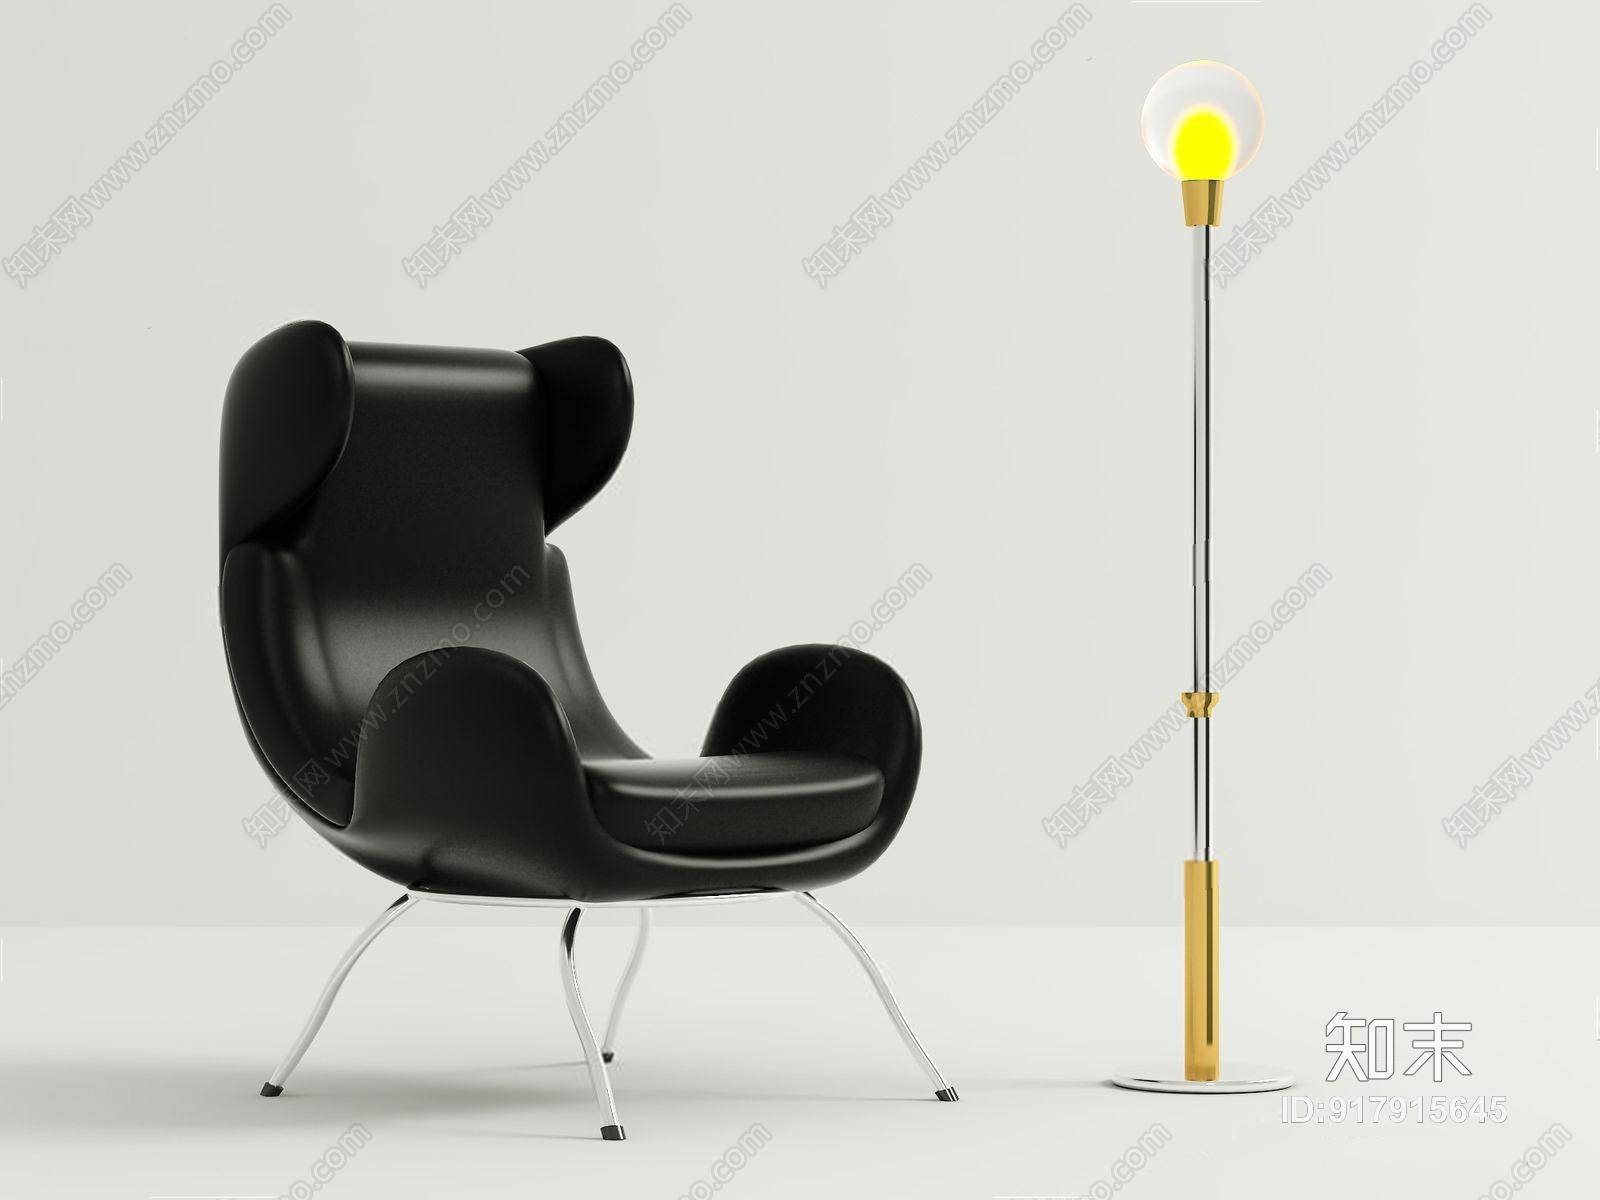 北欧单人沙发 北欧单人沙发 落地灯 皮质沙发